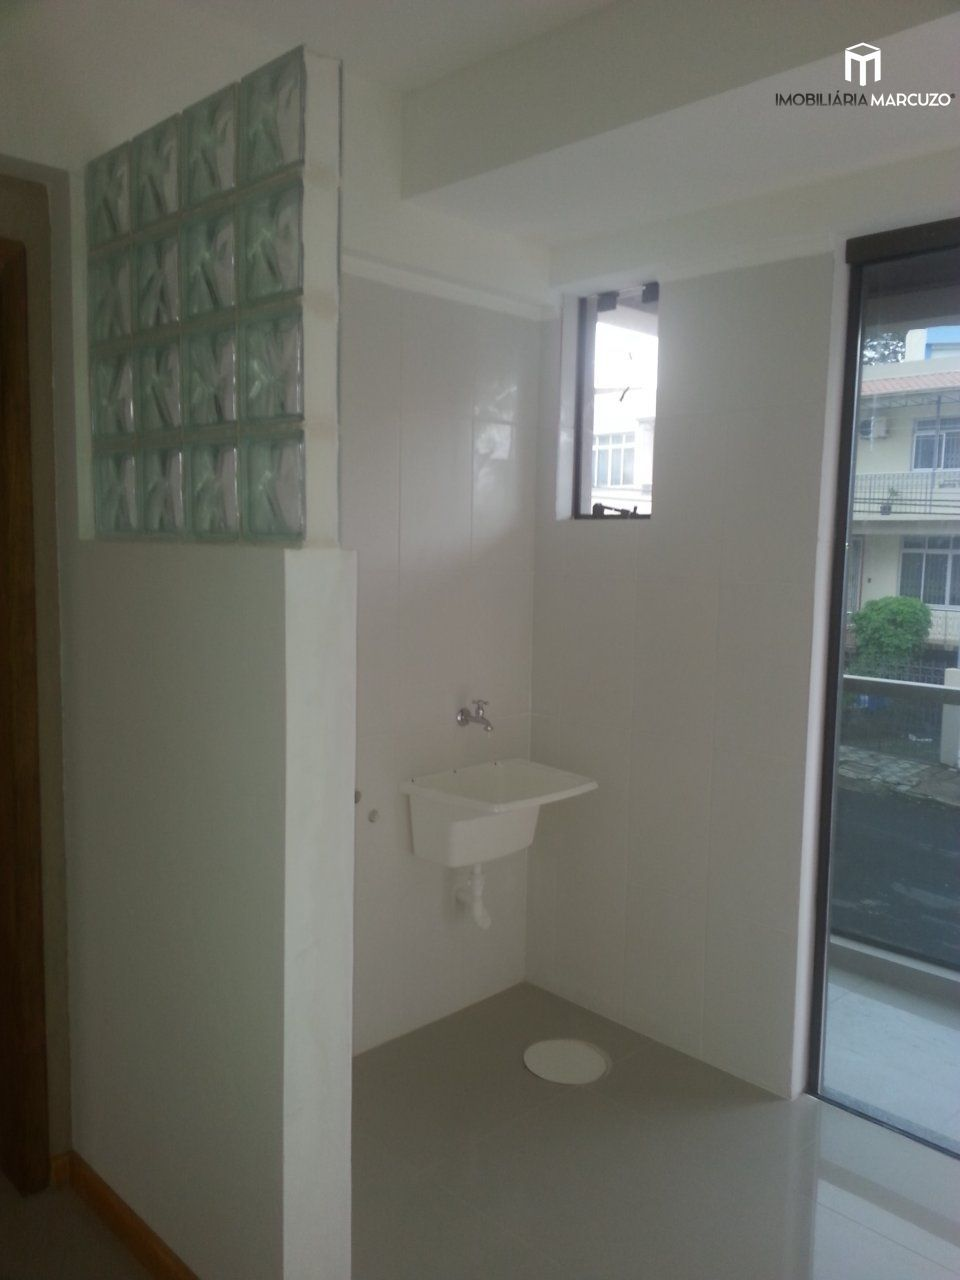 Apartamento com 1 Dormitórios à venda, 50 m² por R$ 159.000,00